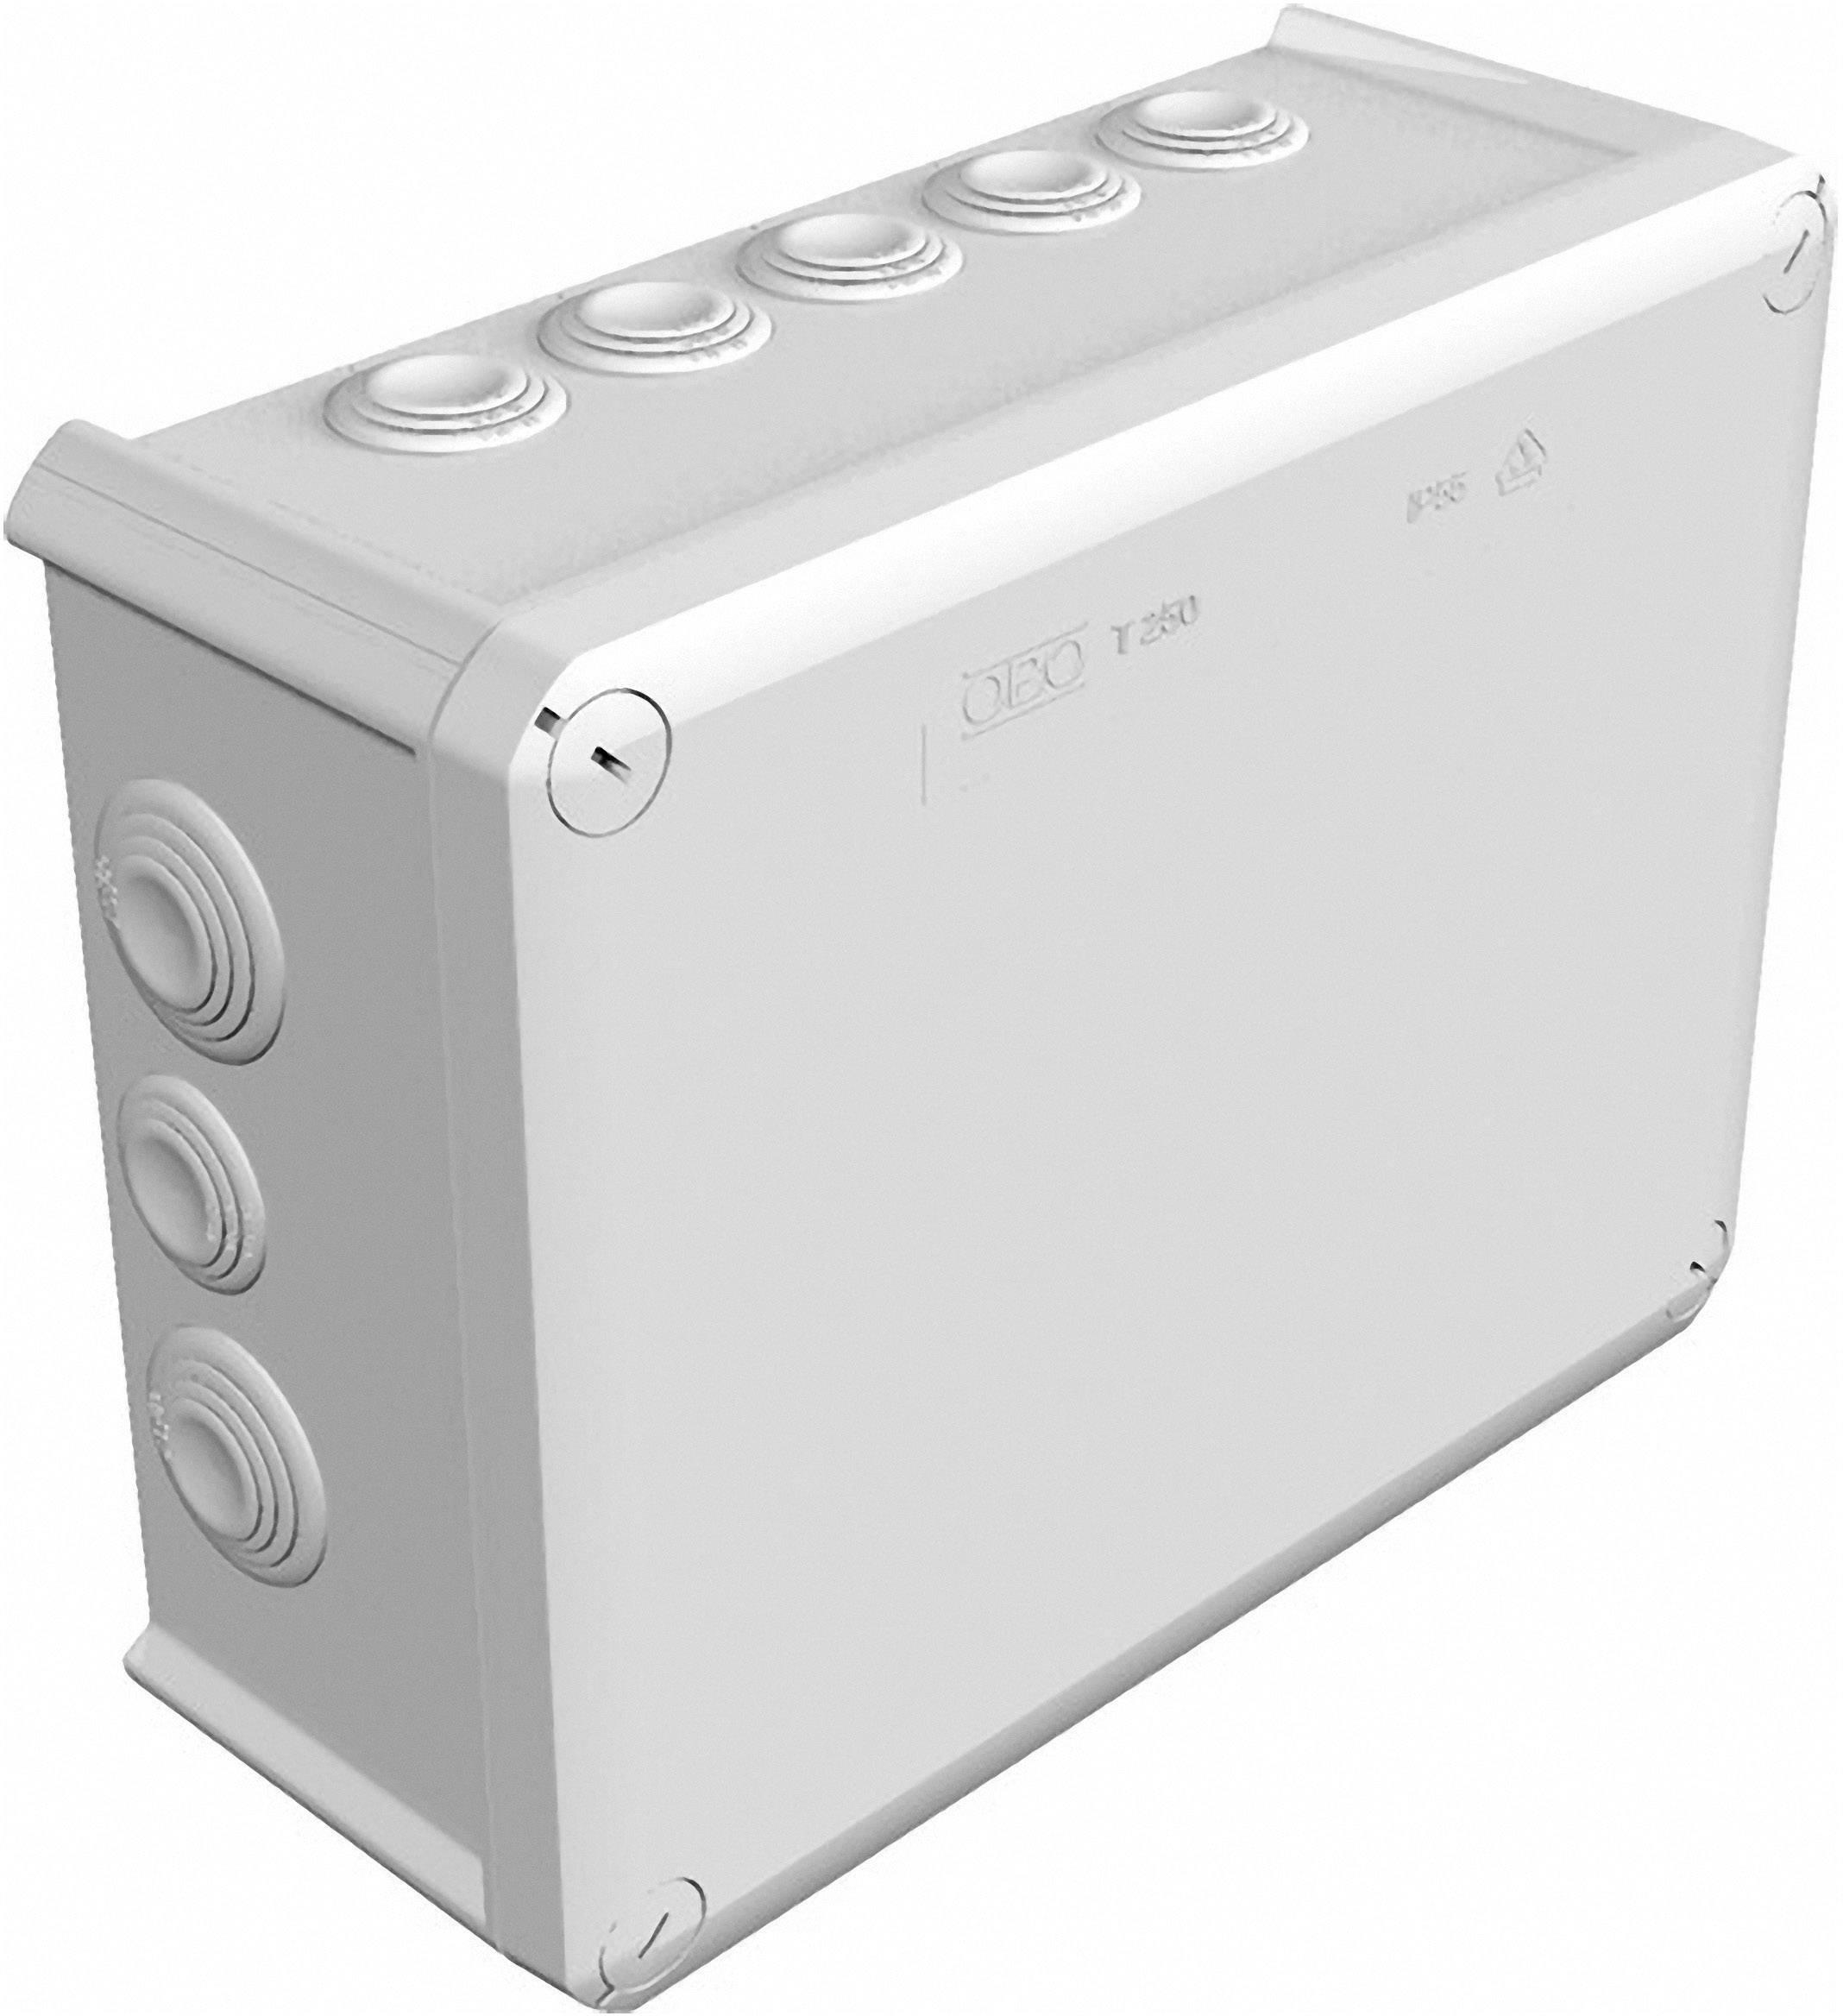 Rozbočovacia krabica OBO Betternann T250, IP66, 240x 190x 95 mm, svetlo sivá, 2007109